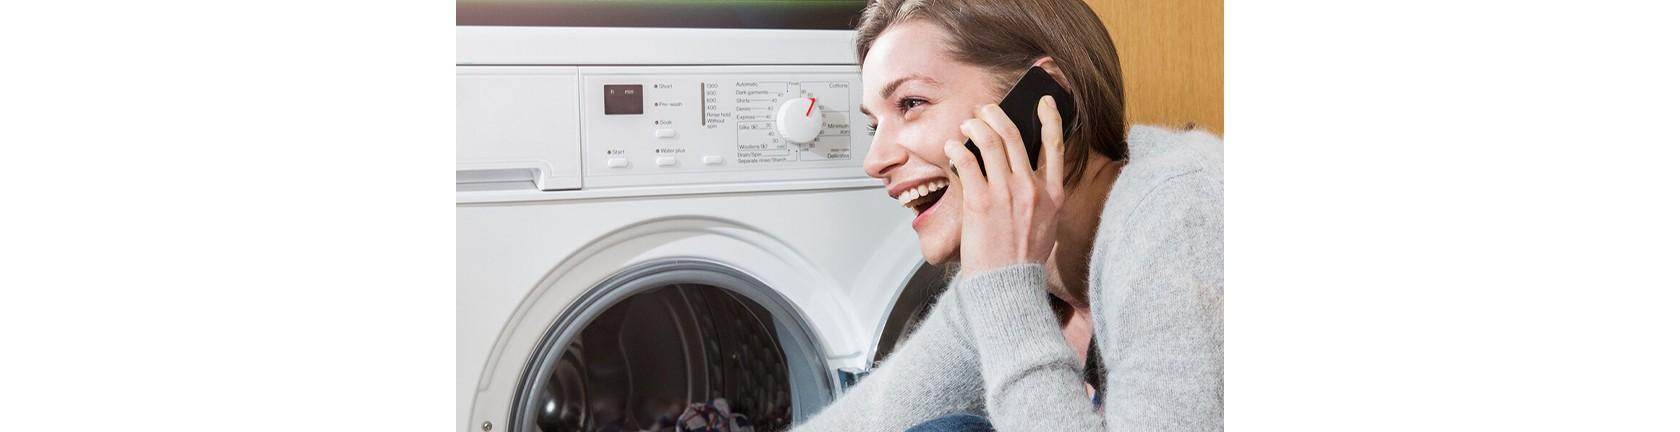 Eine lachende Frau sitzt vor einer Waschmaschine und telefoniert.